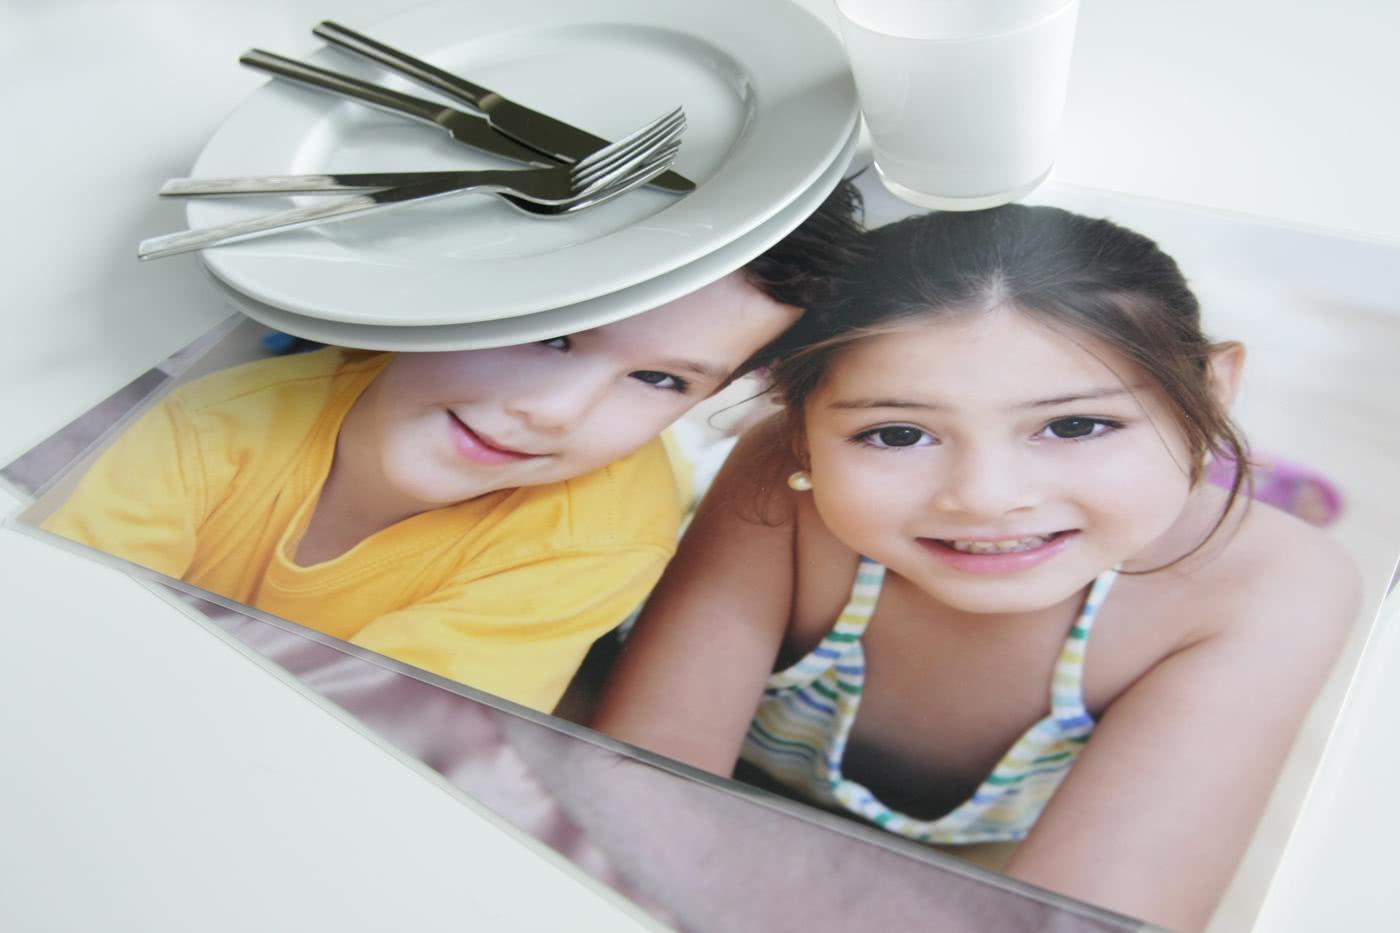 id e cadeau set de table personnalis avec photos. Black Bedroom Furniture Sets. Home Design Ideas